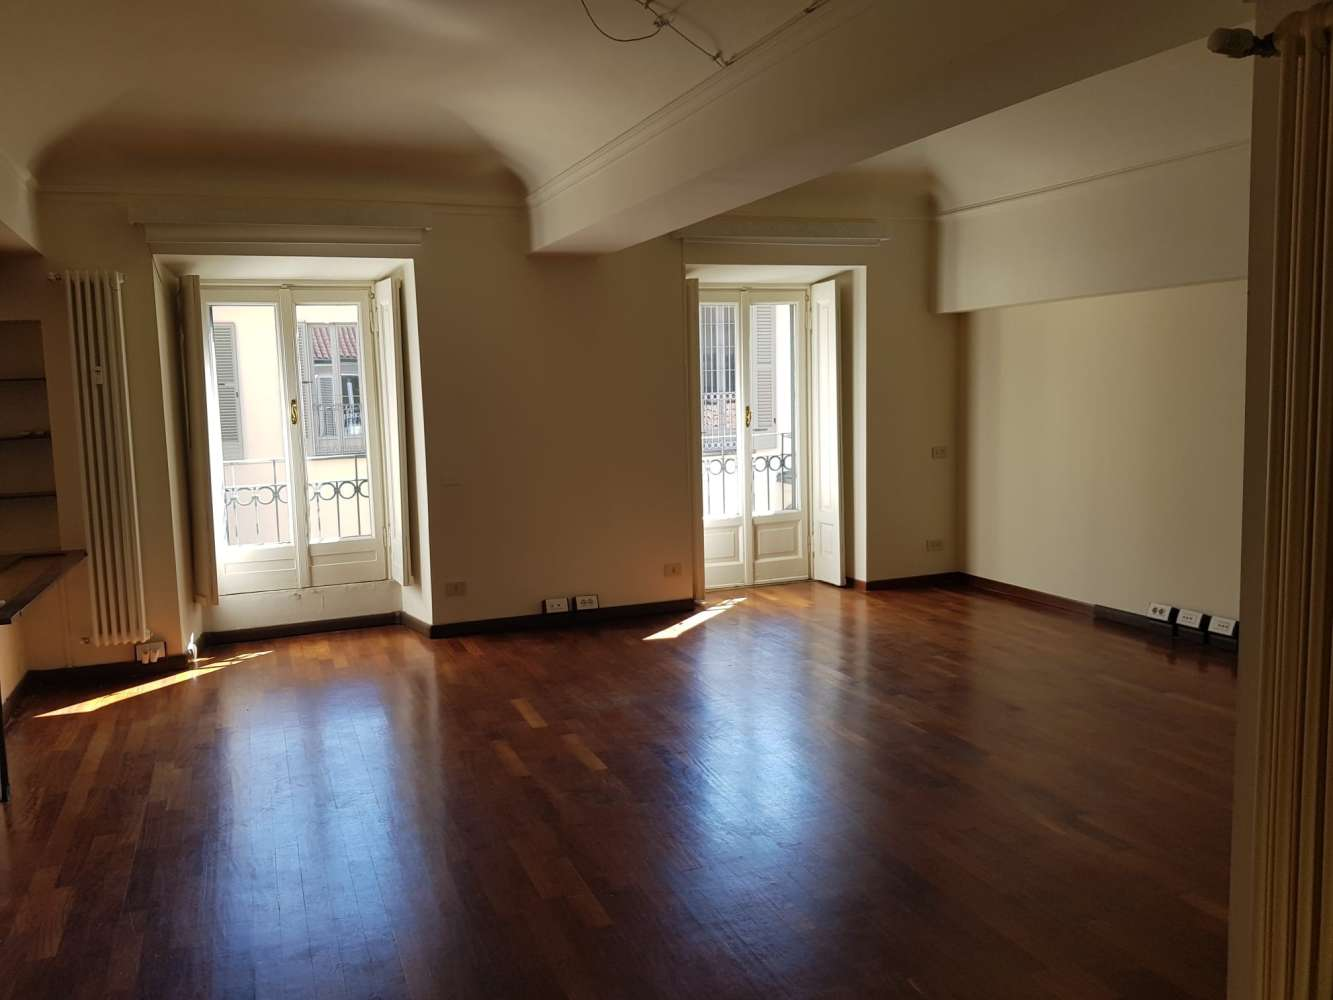 Montenapoleone 3 Ufficio In In Affitto A Milano 652485 Jll